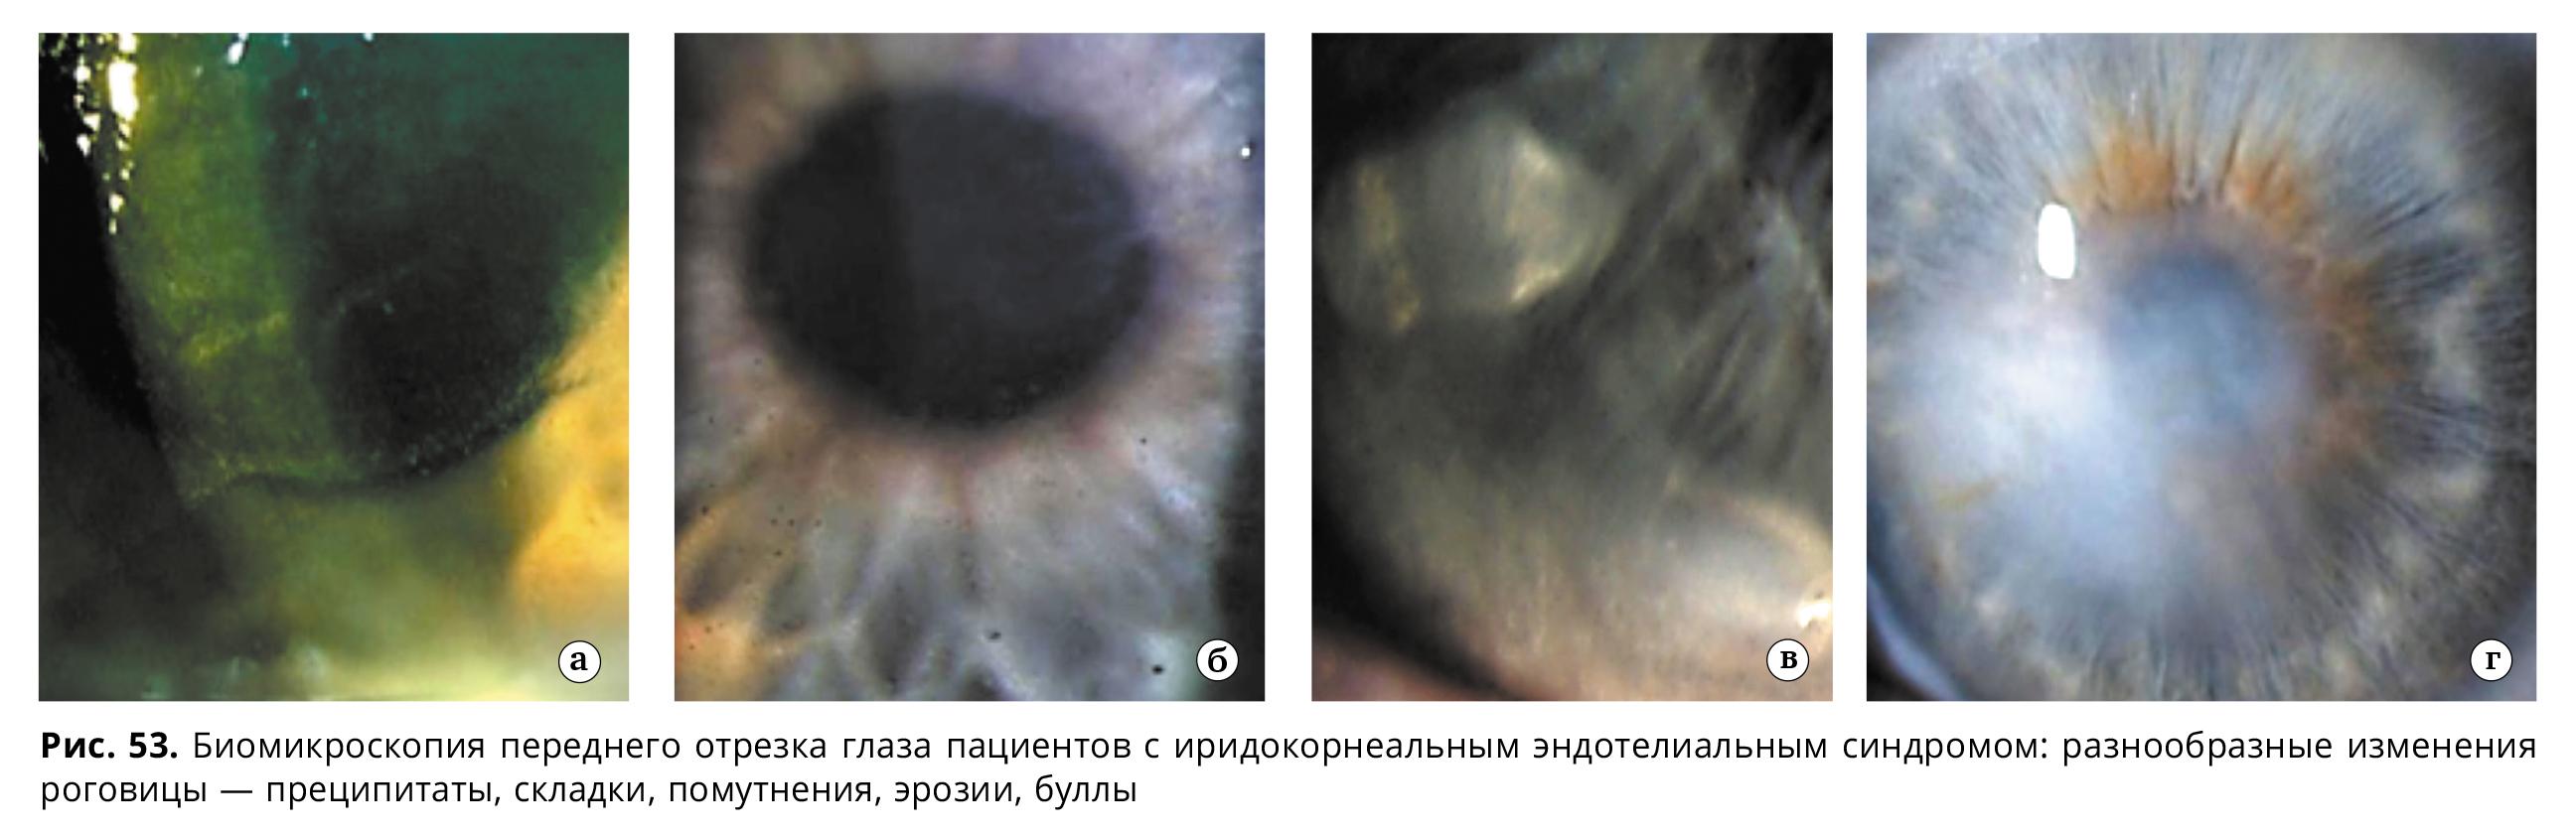 Увеопатии: особенности диагностики и течения